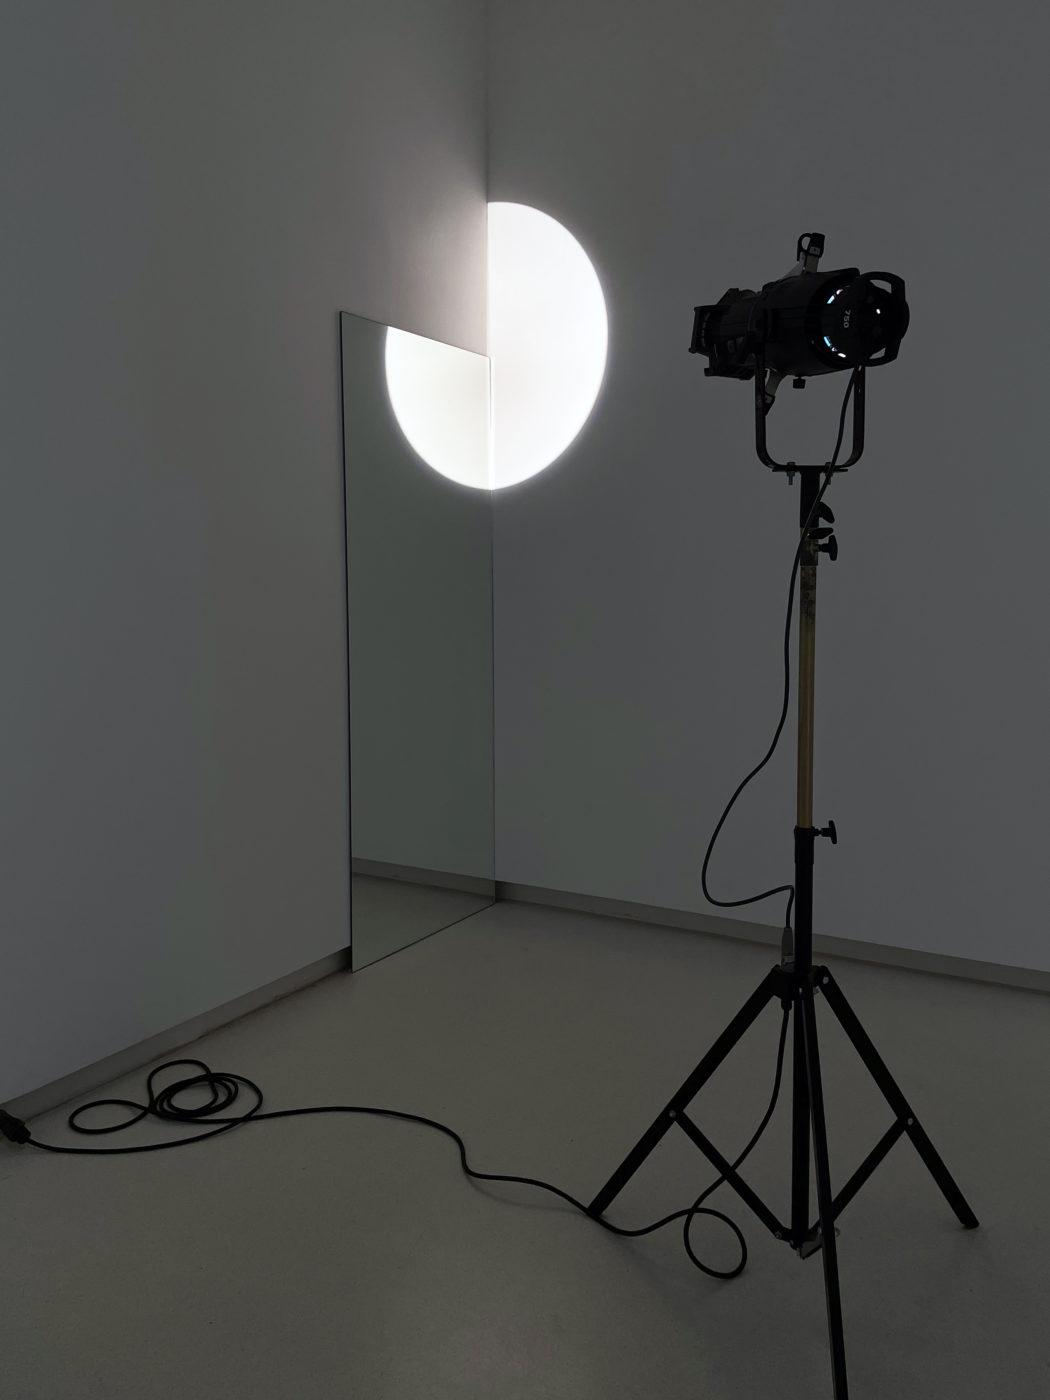 Escultura Olafur Eliasson Mirror door (performer) 2008 foco trípode y espejo que completa un círculo proyectado en la pared y reflejado en el espejo